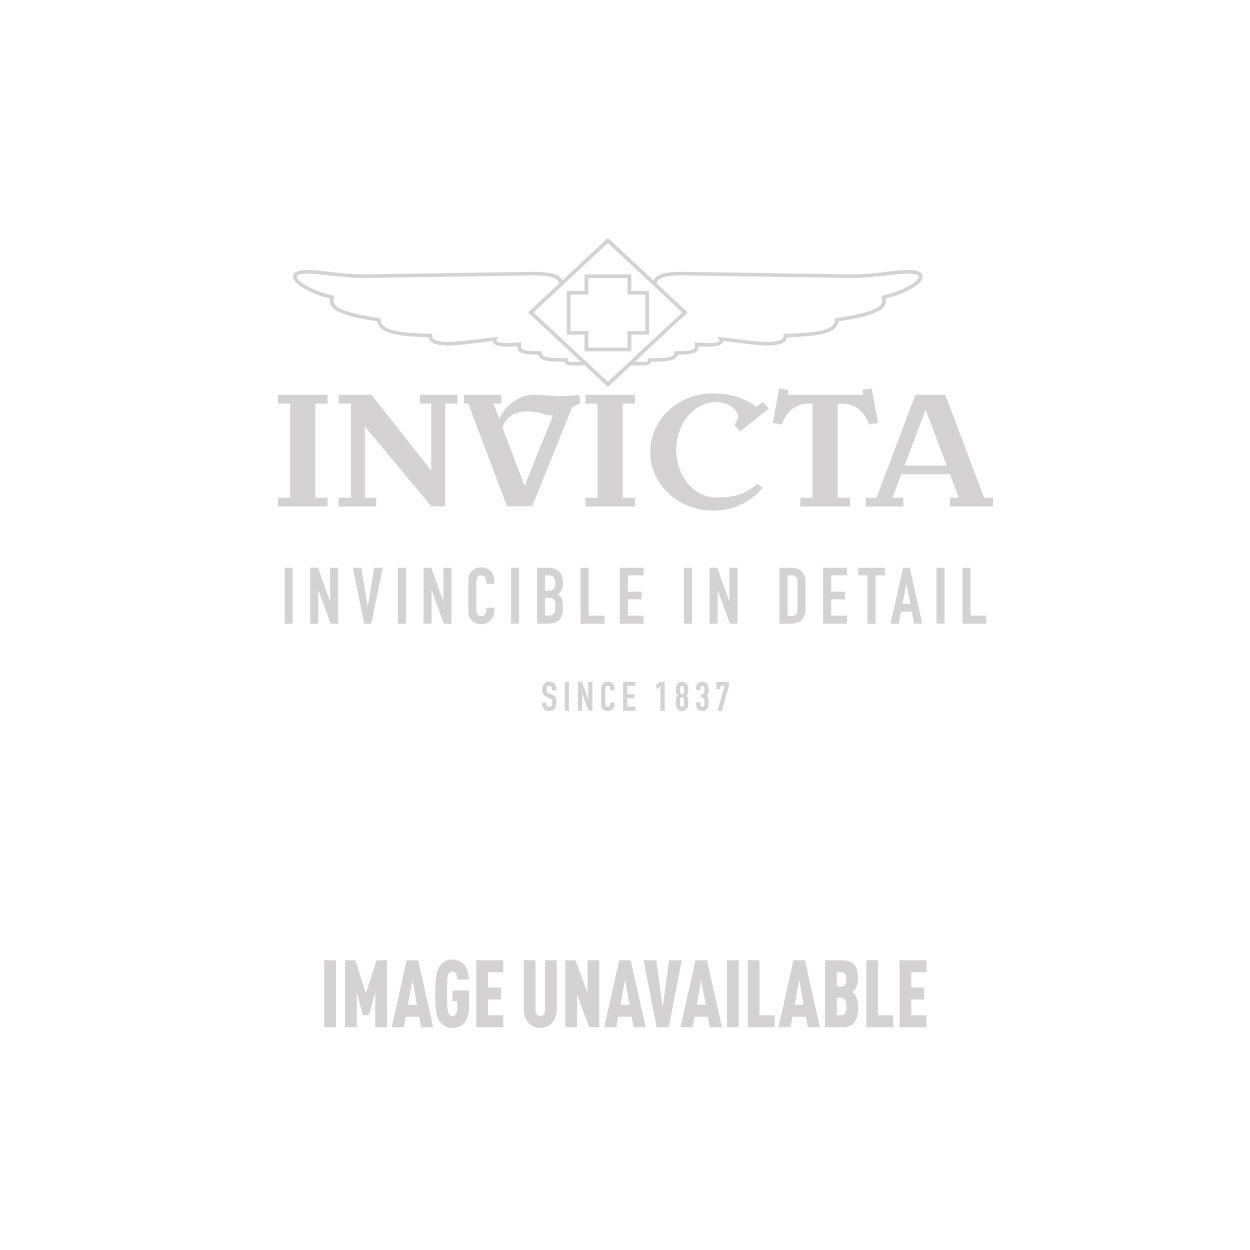 Invicta Model 24034